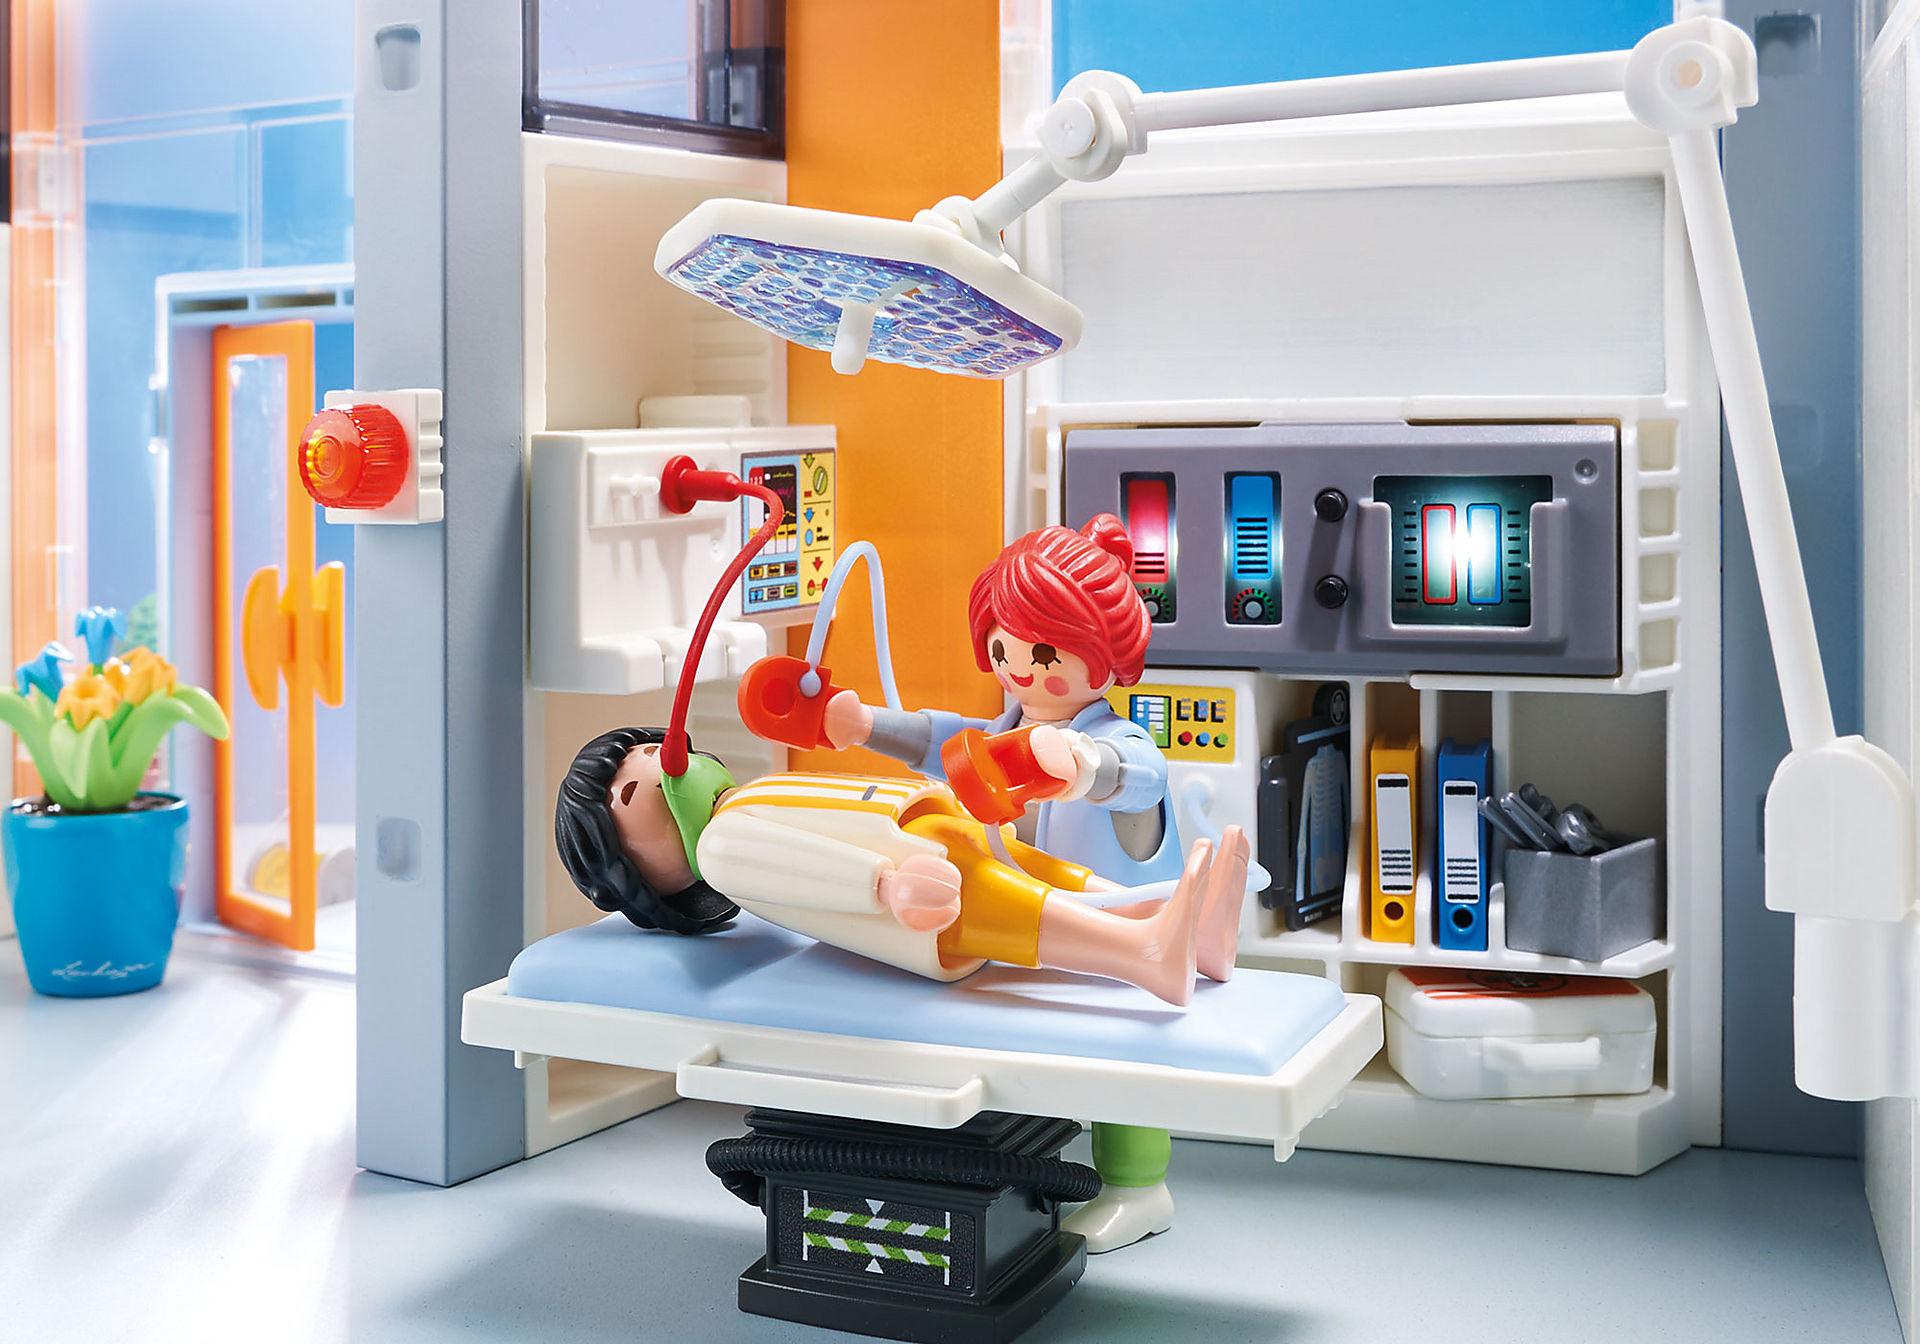 70190 Großes Krankenhaus mit Einrichtung zoom image4